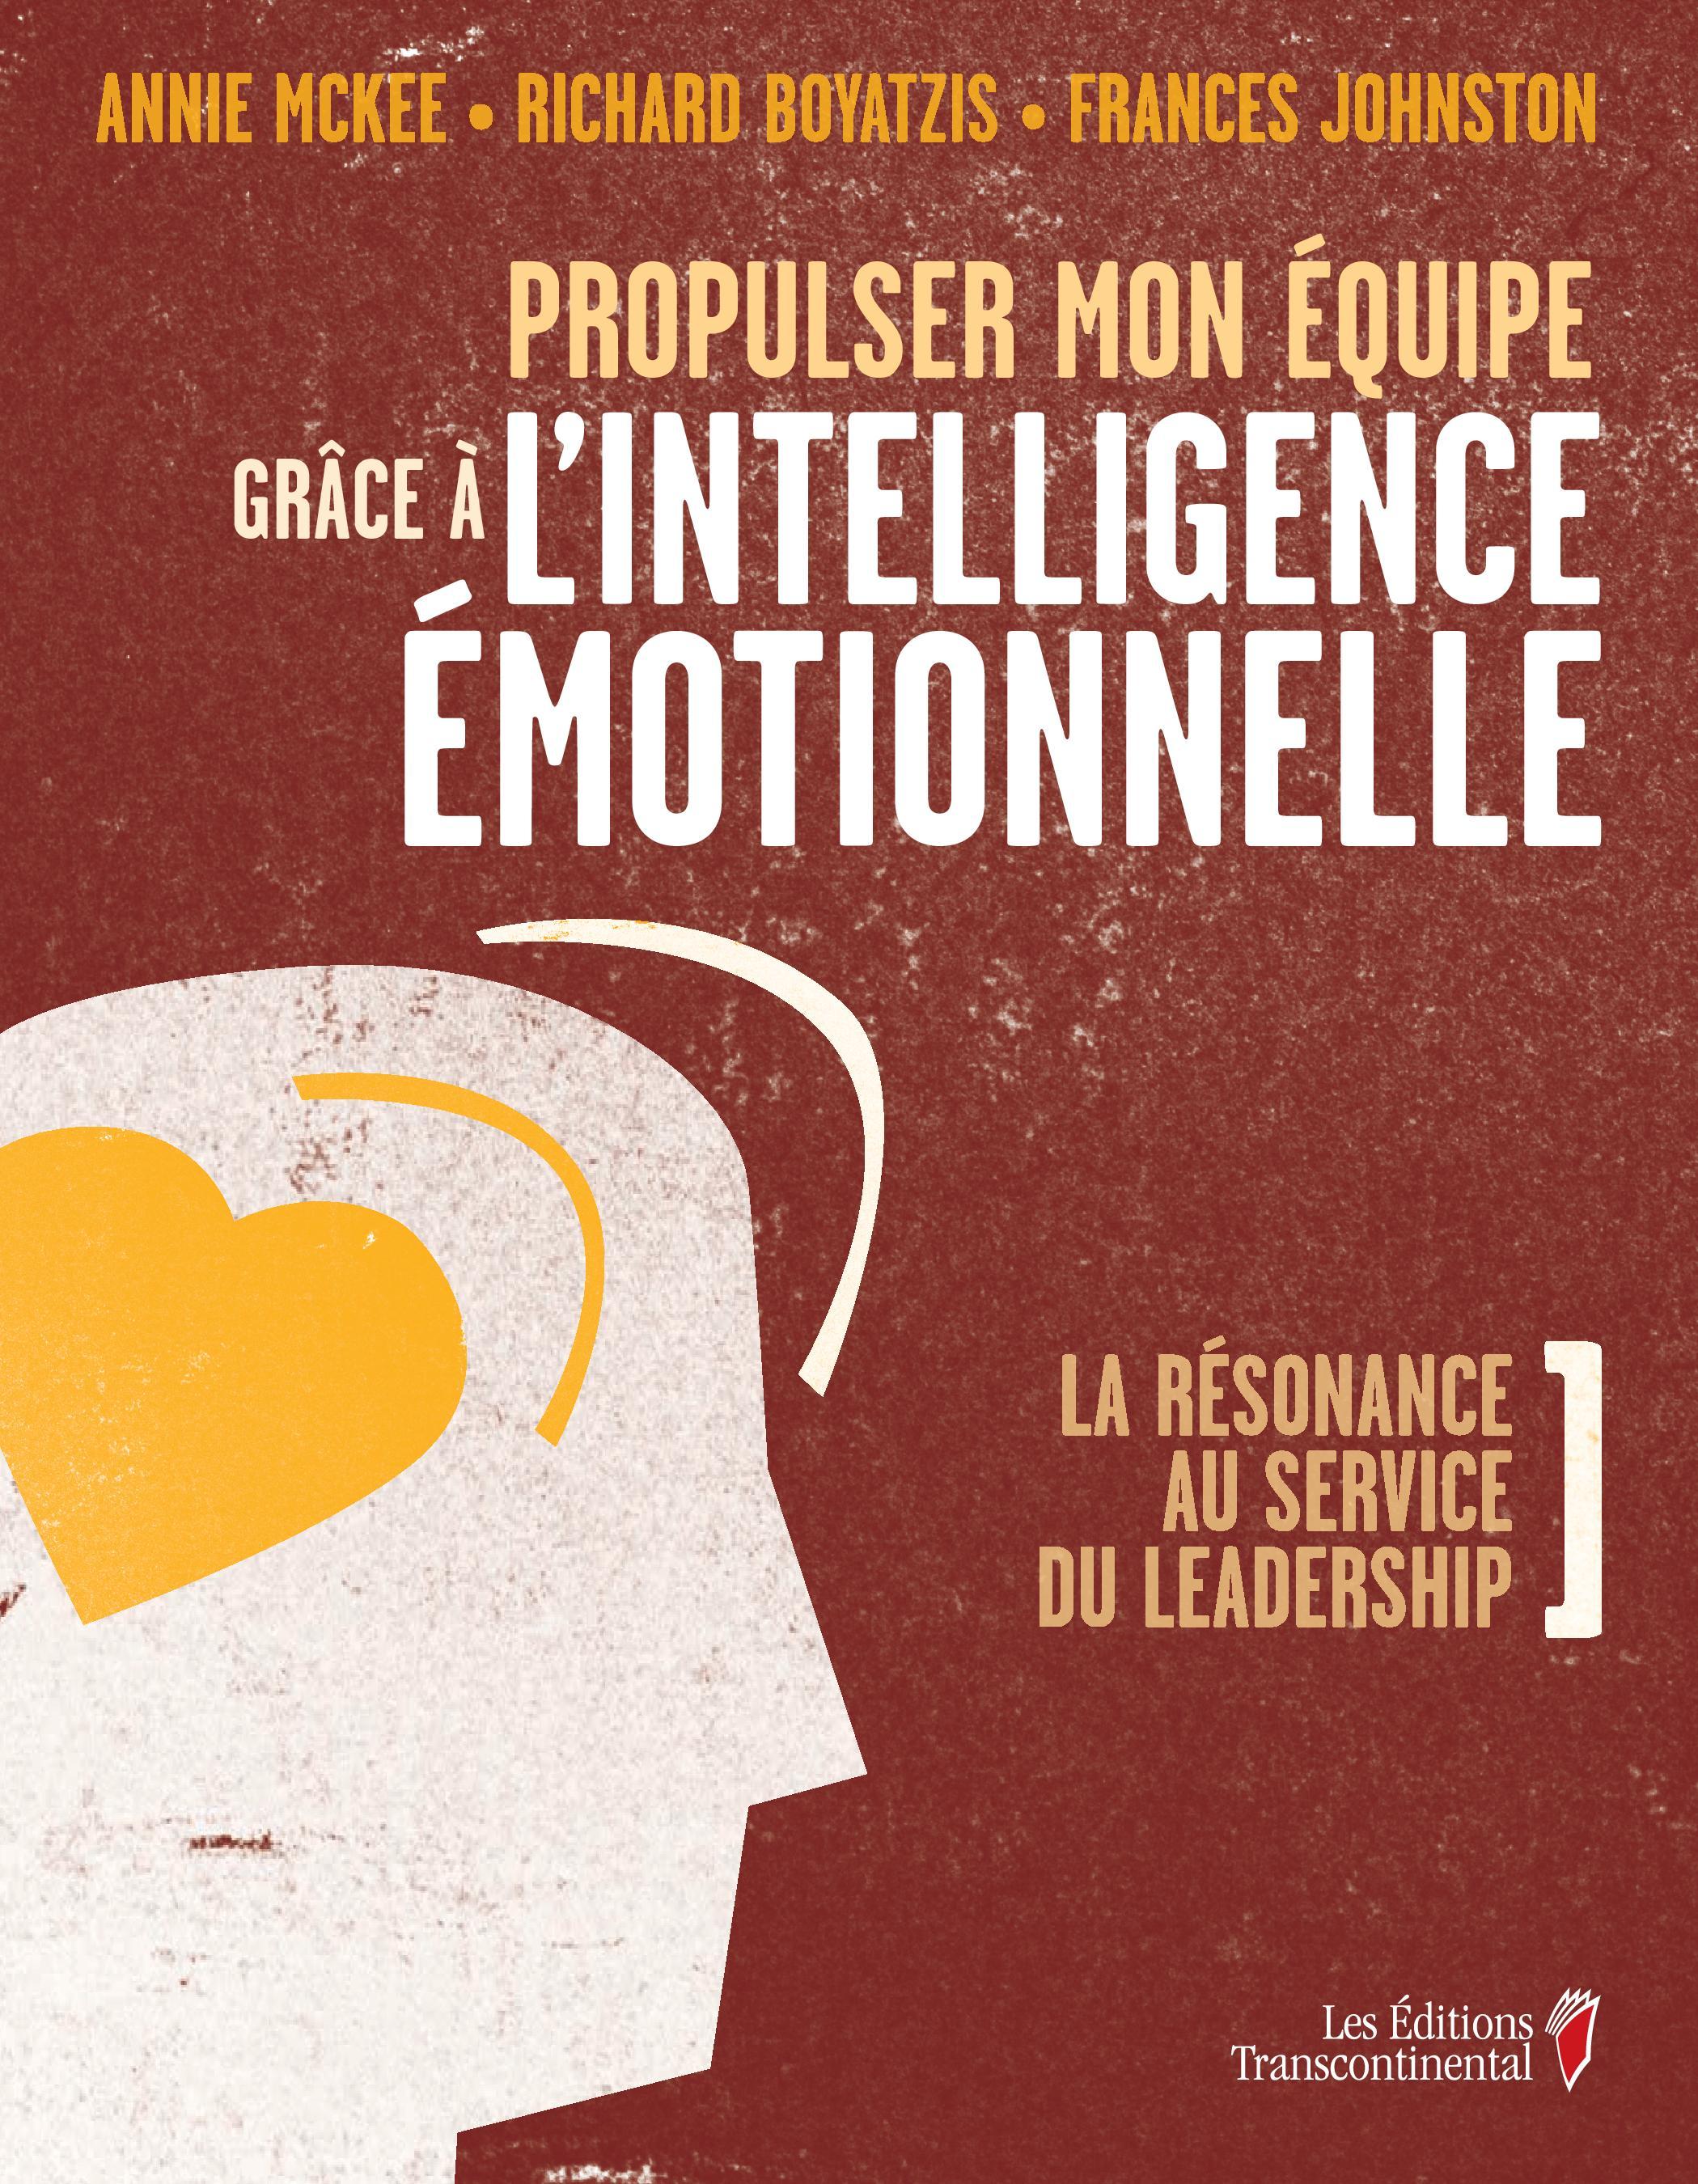 Propulser mon équipe grâce à l'intelligence émotionnelle